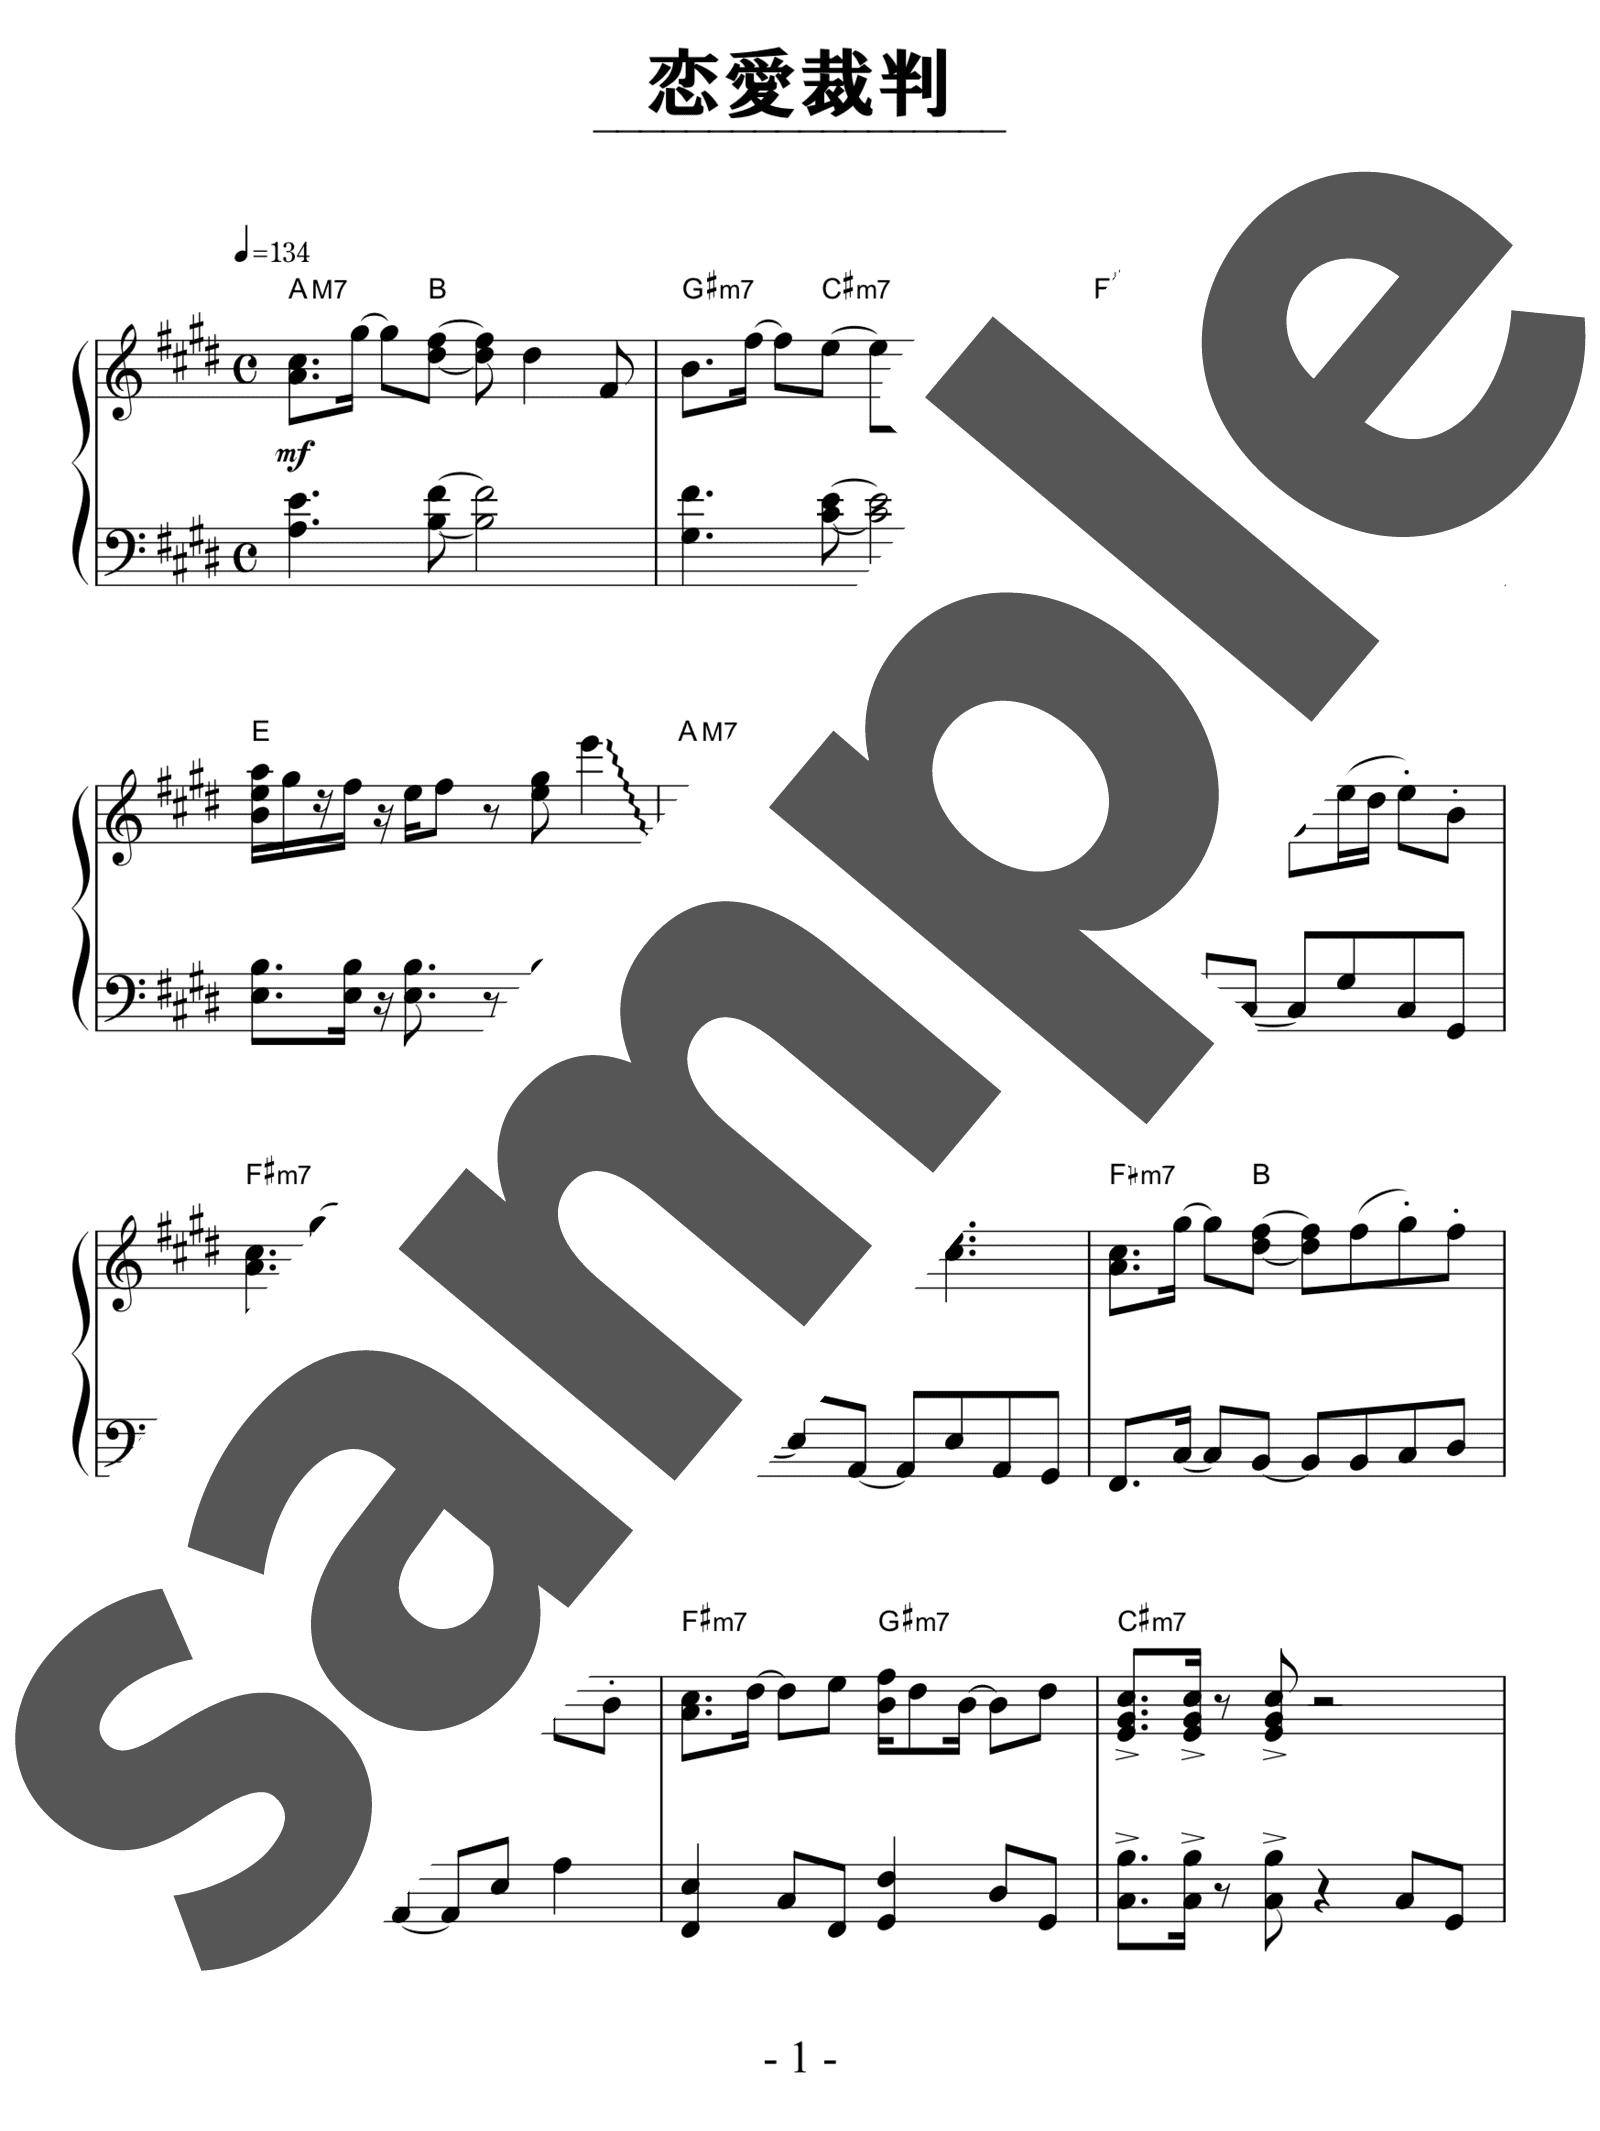 「恋愛裁判」のサンプル楽譜